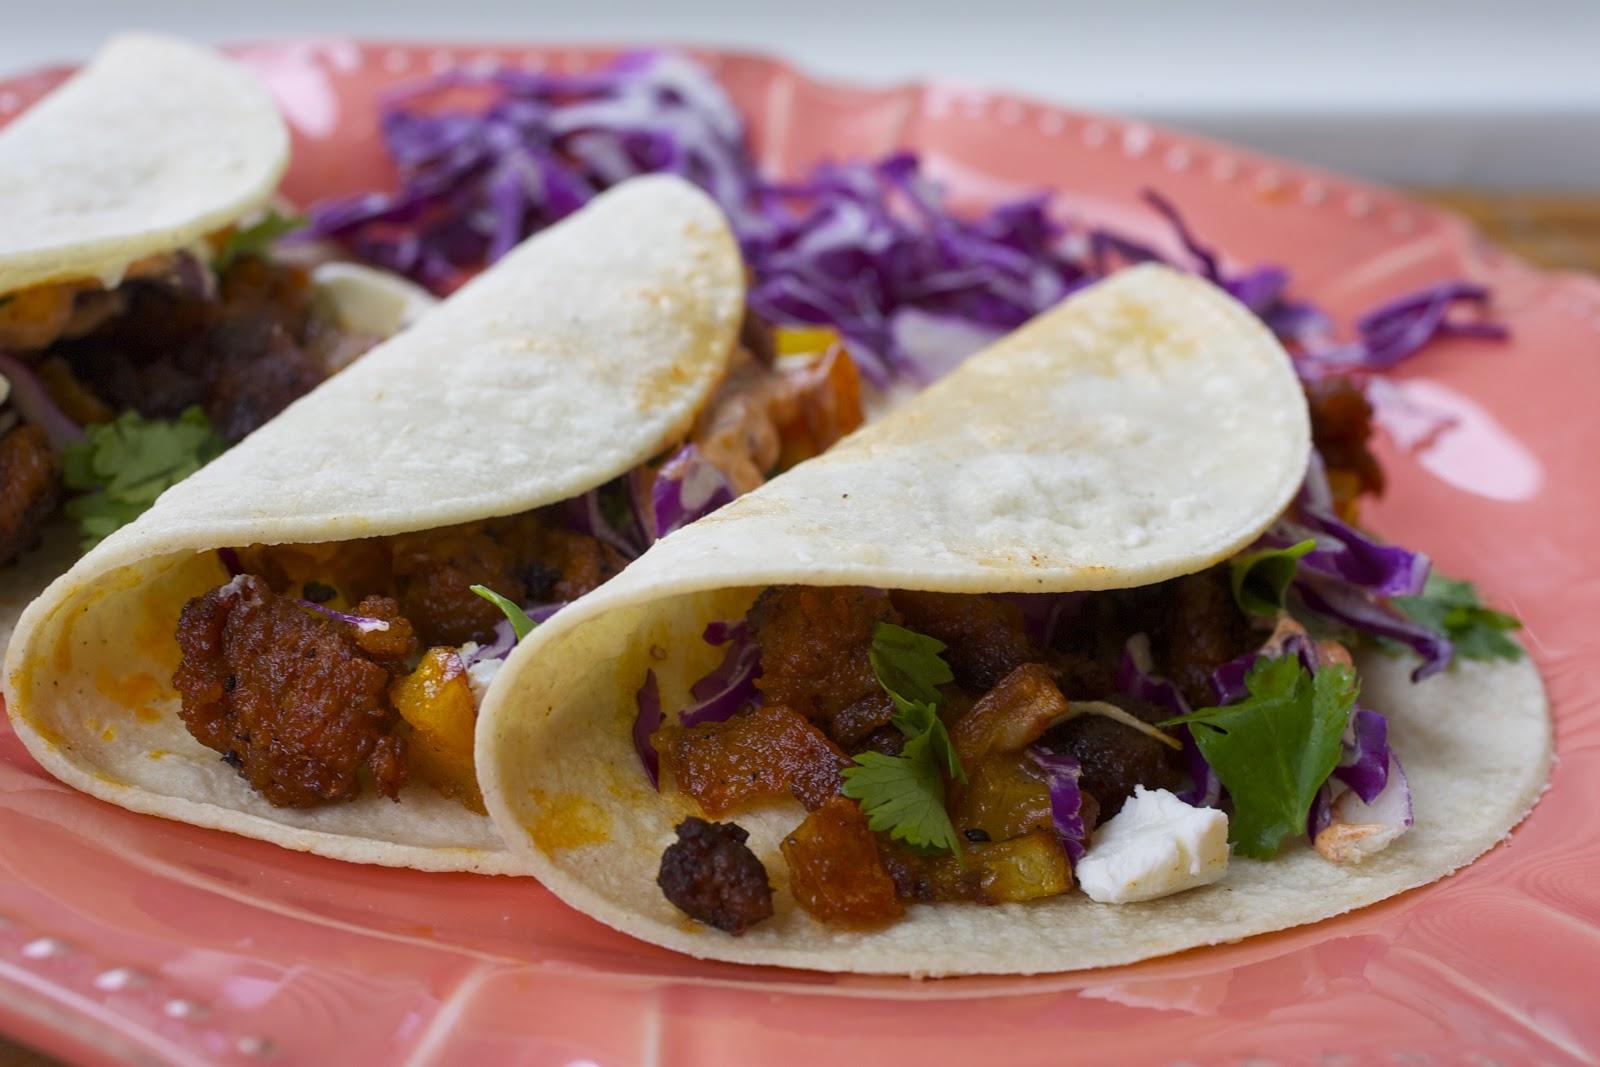 ... It with Beth: Potato, Chorizo & Goat Cheese Tacos with Smoky Aioli